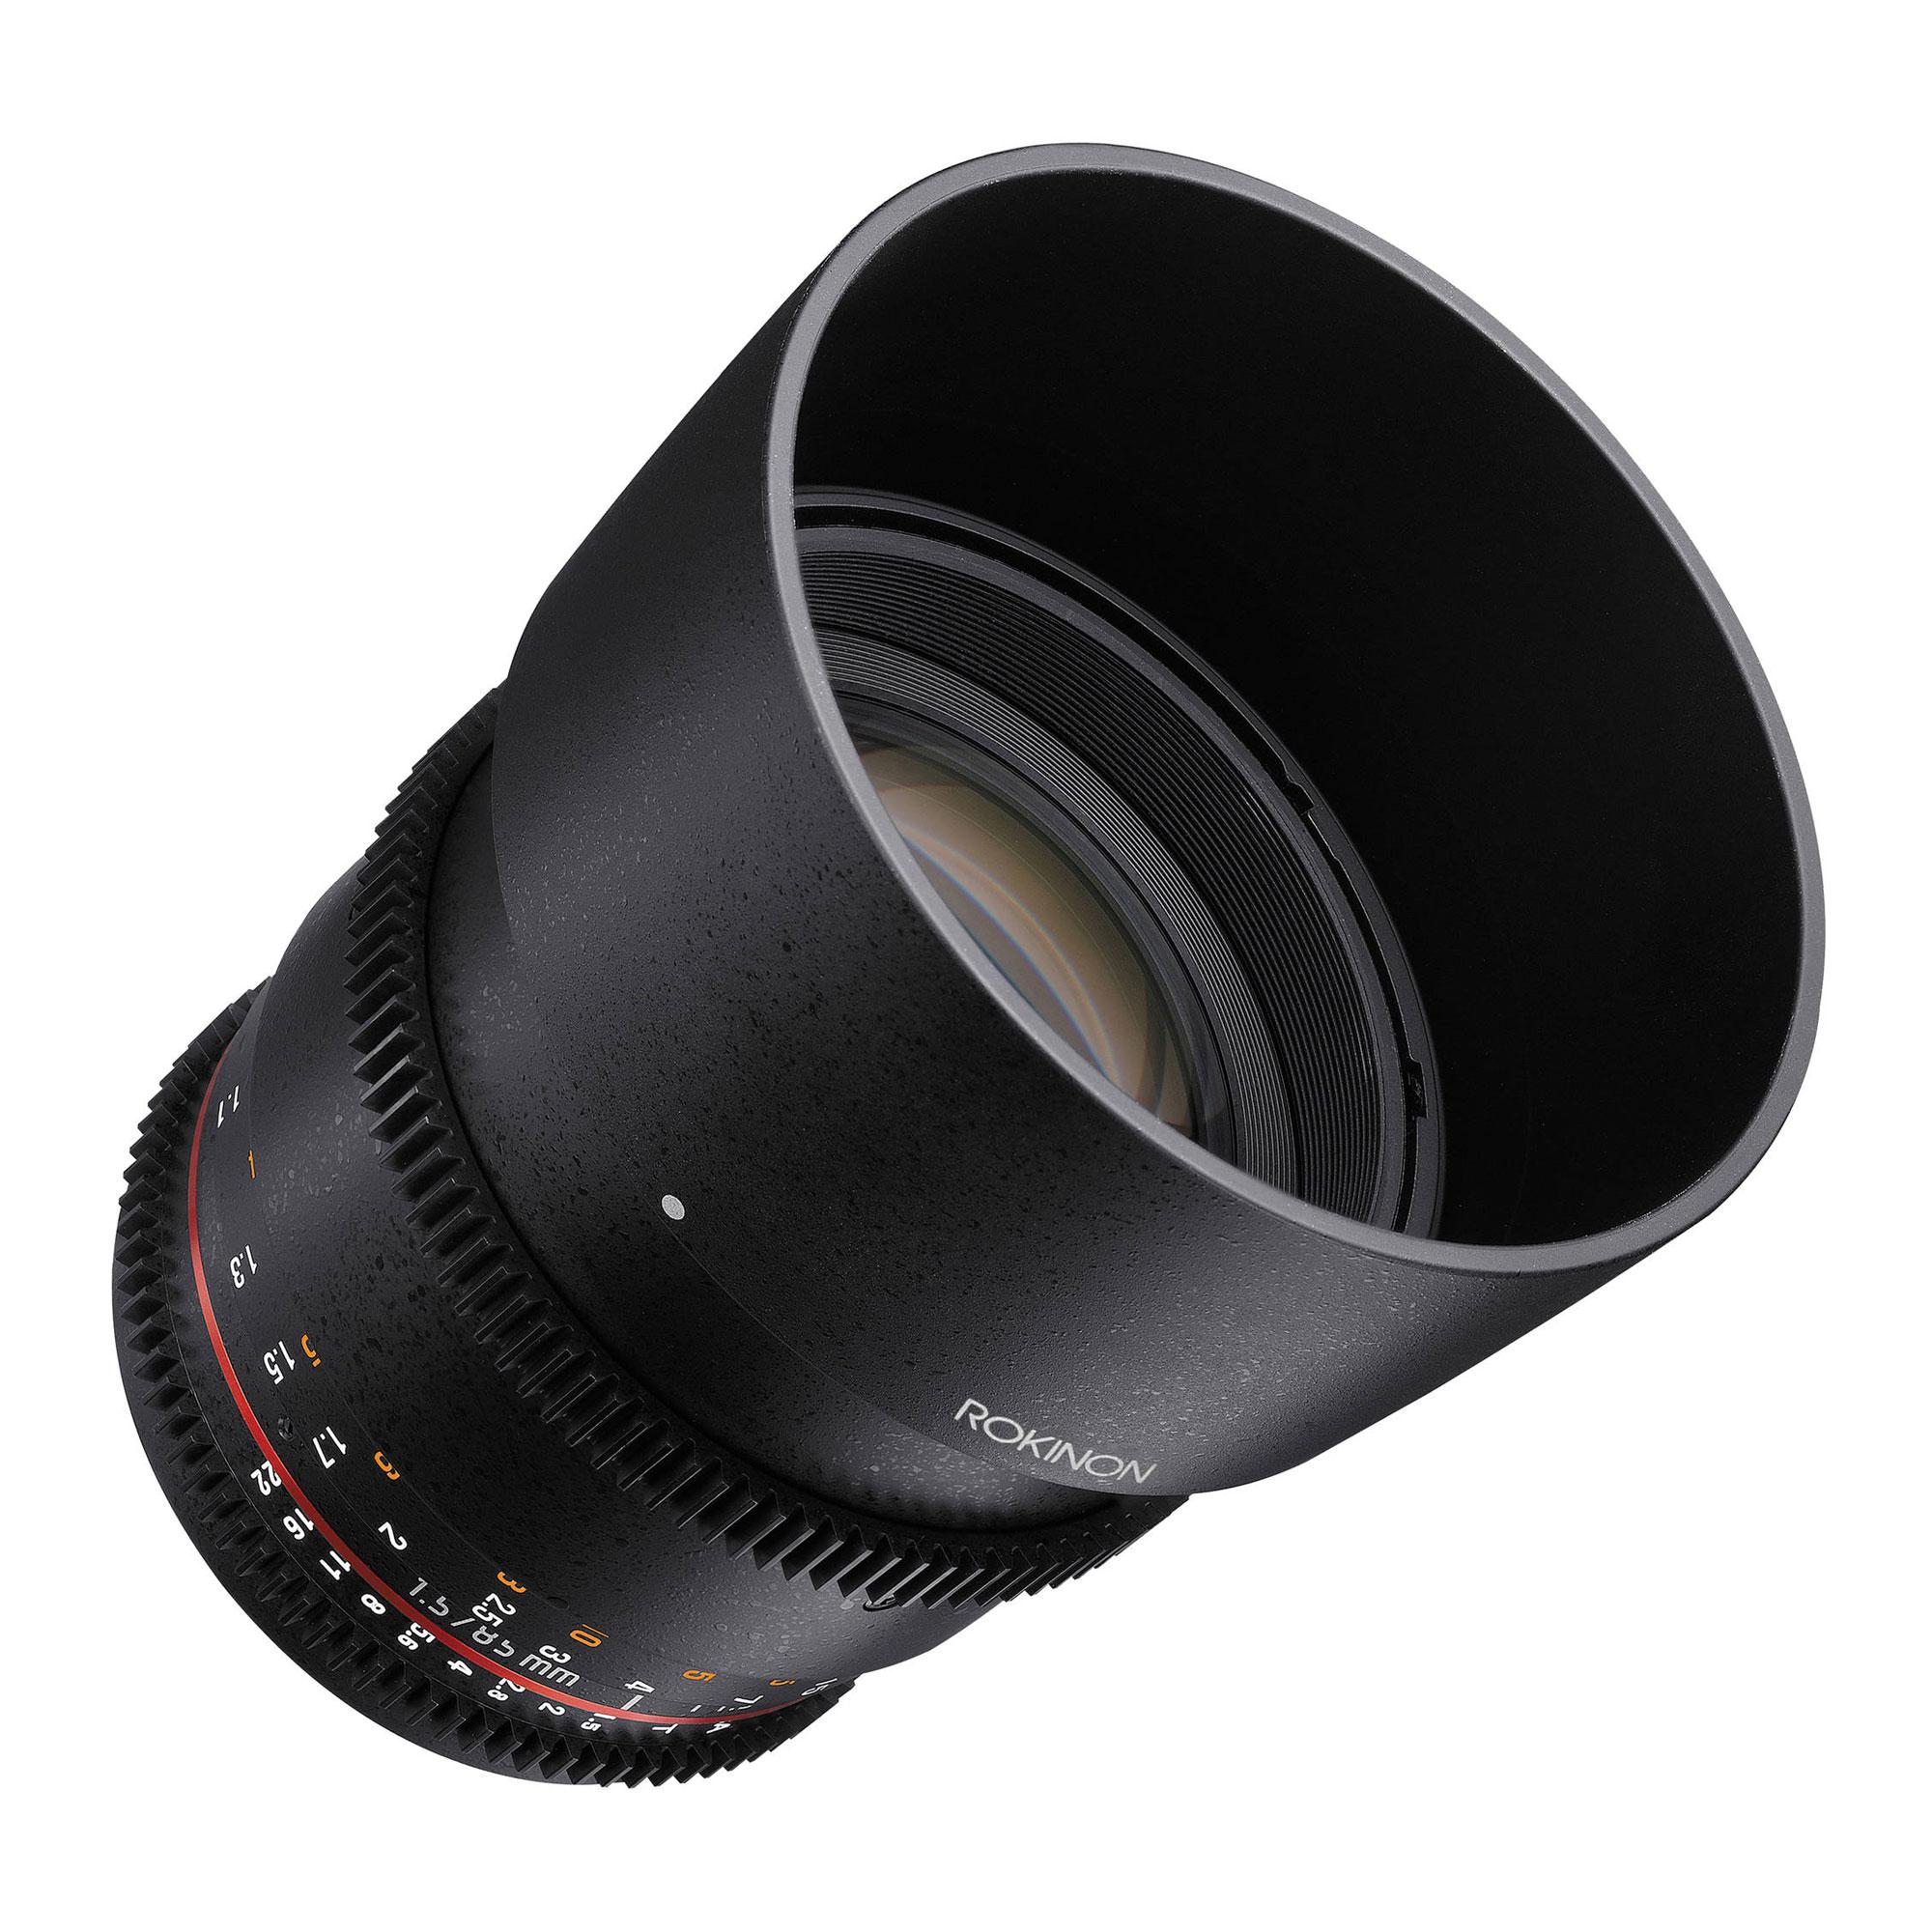 85mm T1.5 Cine DS Lens for Sony E-Mount